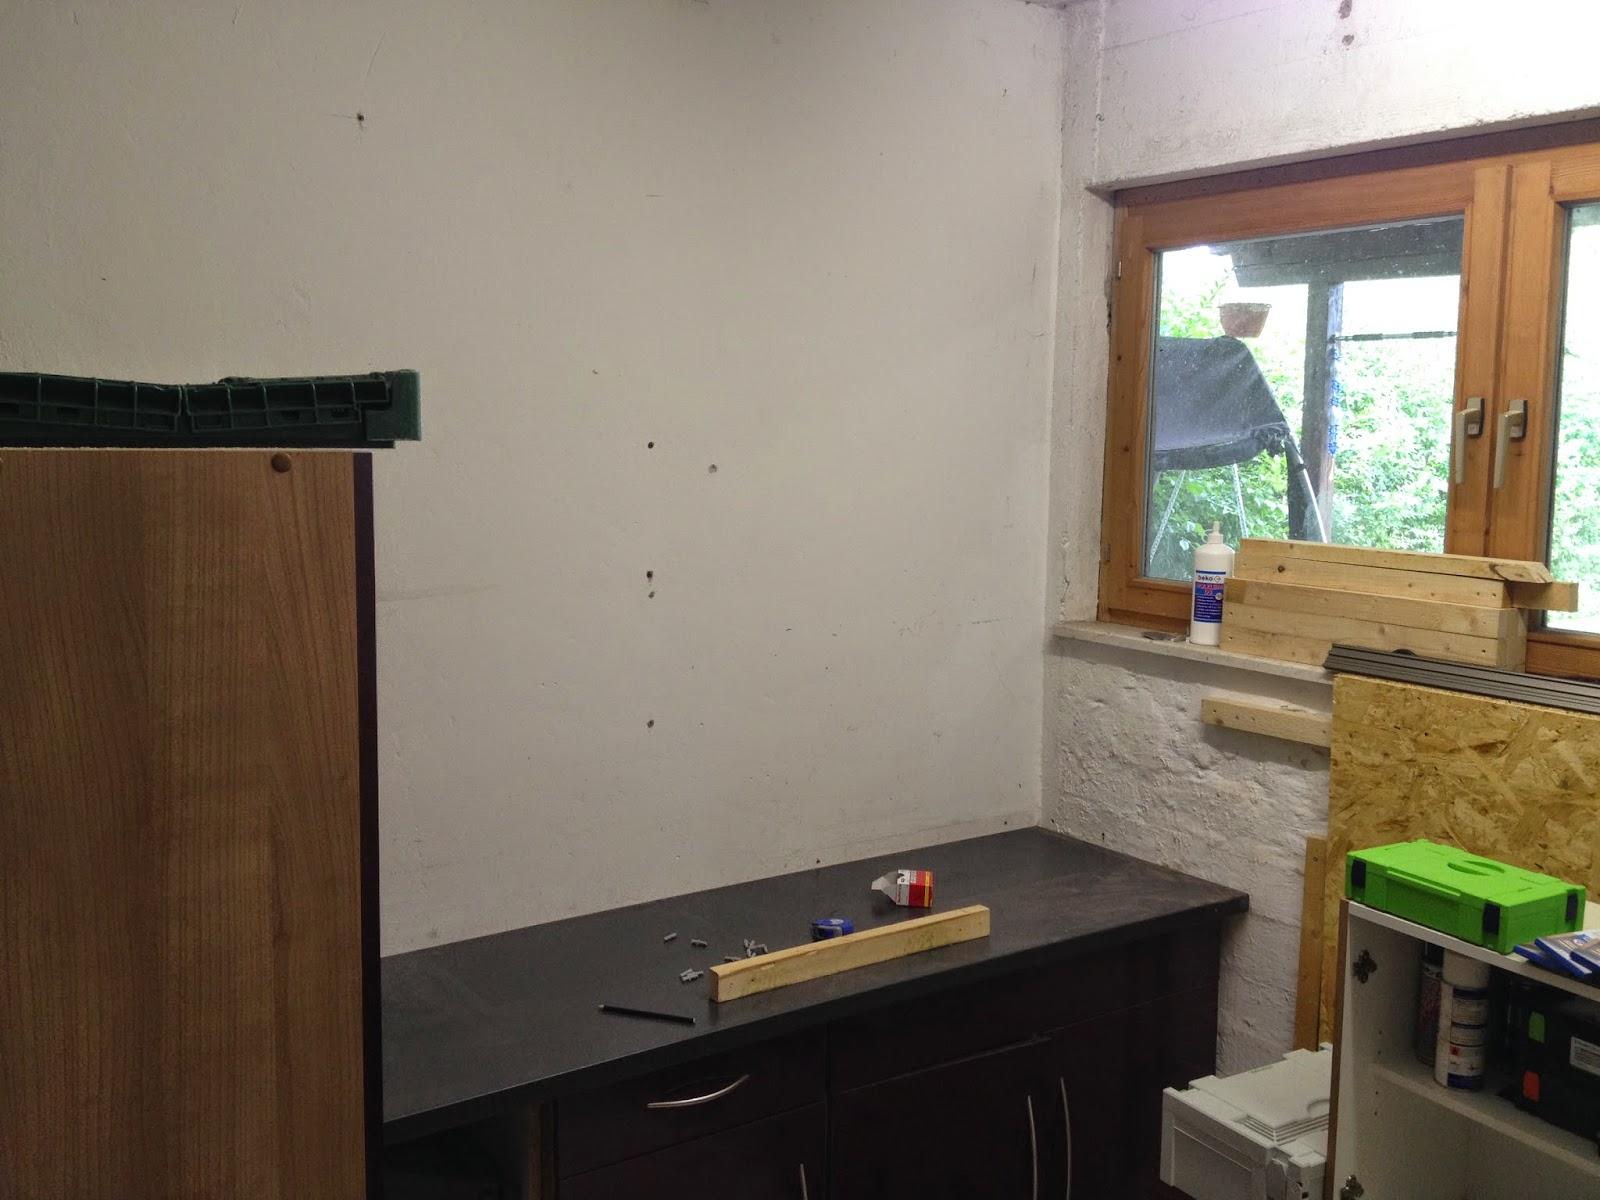 heimwerken diy garagenwerktstatt wandverkleidung teil 1. Black Bedroom Furniture Sets. Home Design Ideas